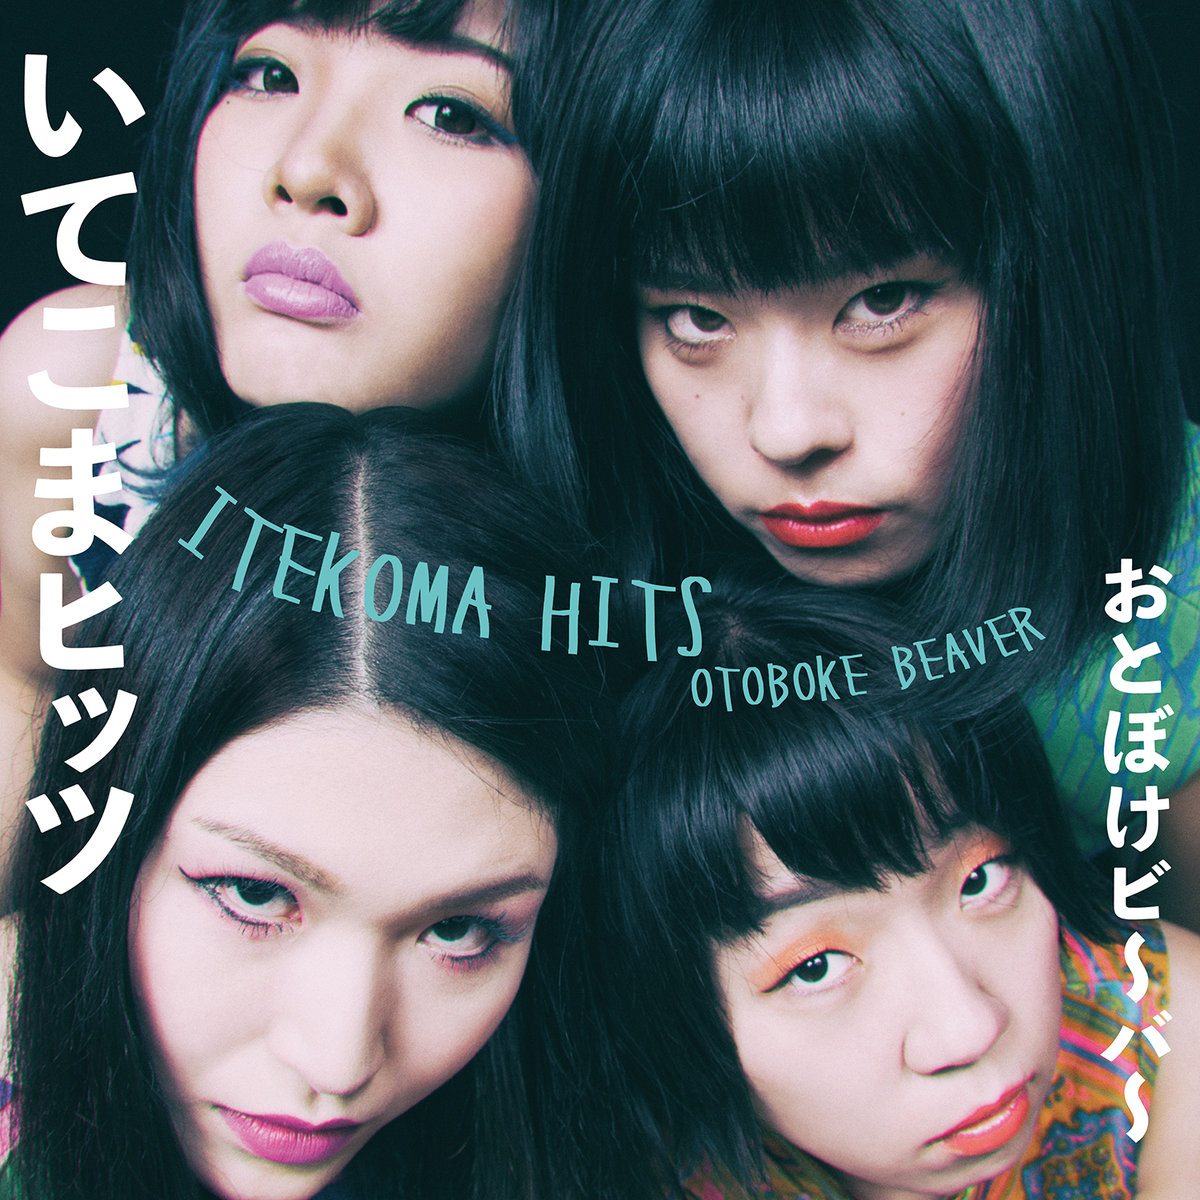 ITEKOMA HITS by Otoboke Beaver